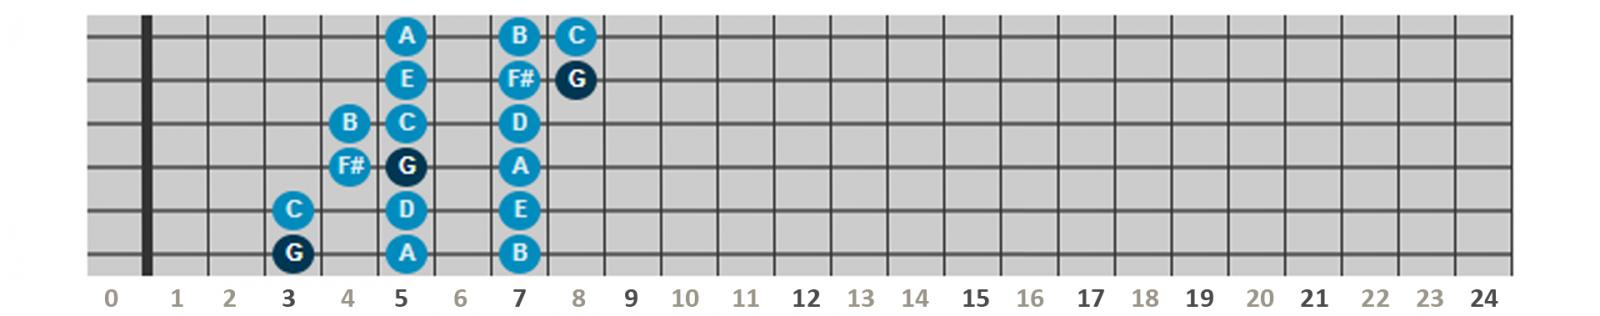 Gamme de sol majeur - Position 1